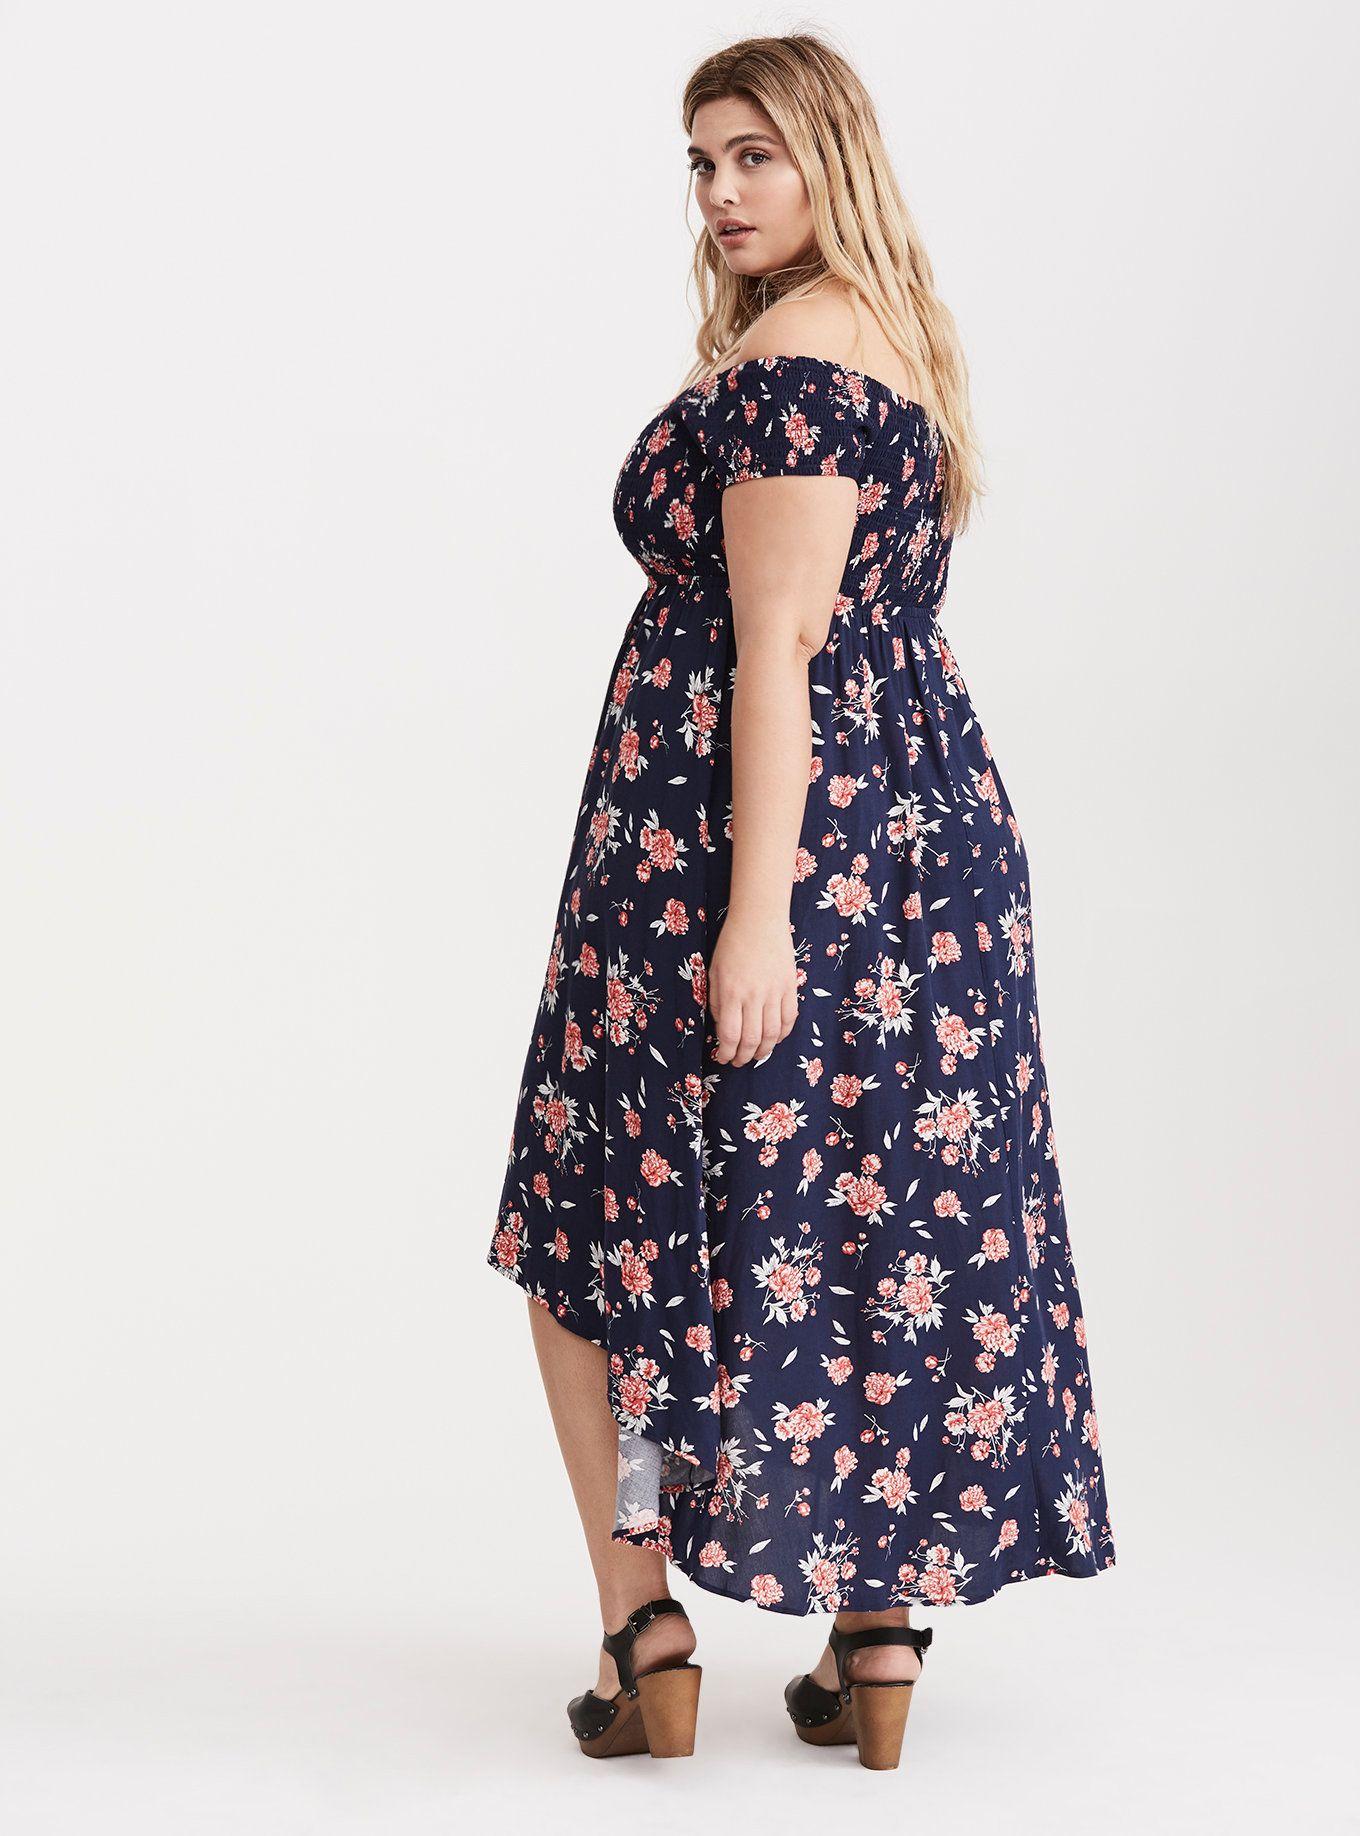 Dress size 24 torrid dress 24 torrid black and white draped v neck - Floral Print Off The Shoulder Smocked Hi Lo Maxi Dress In Black Red Torridthe